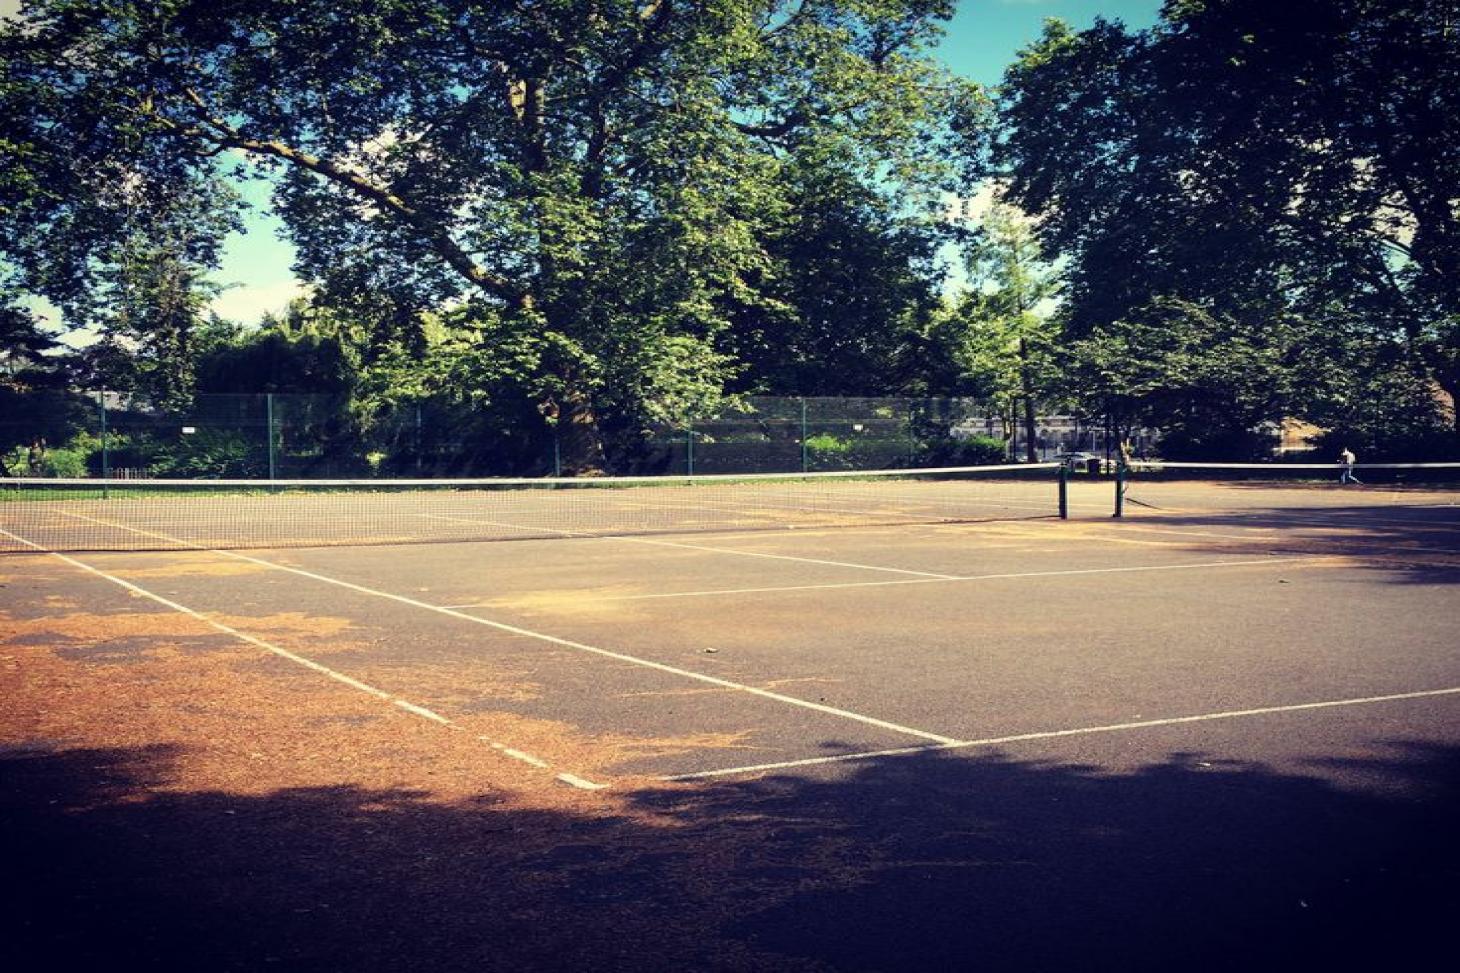 Vauxhall Park Outdoor | Concrete tennis court